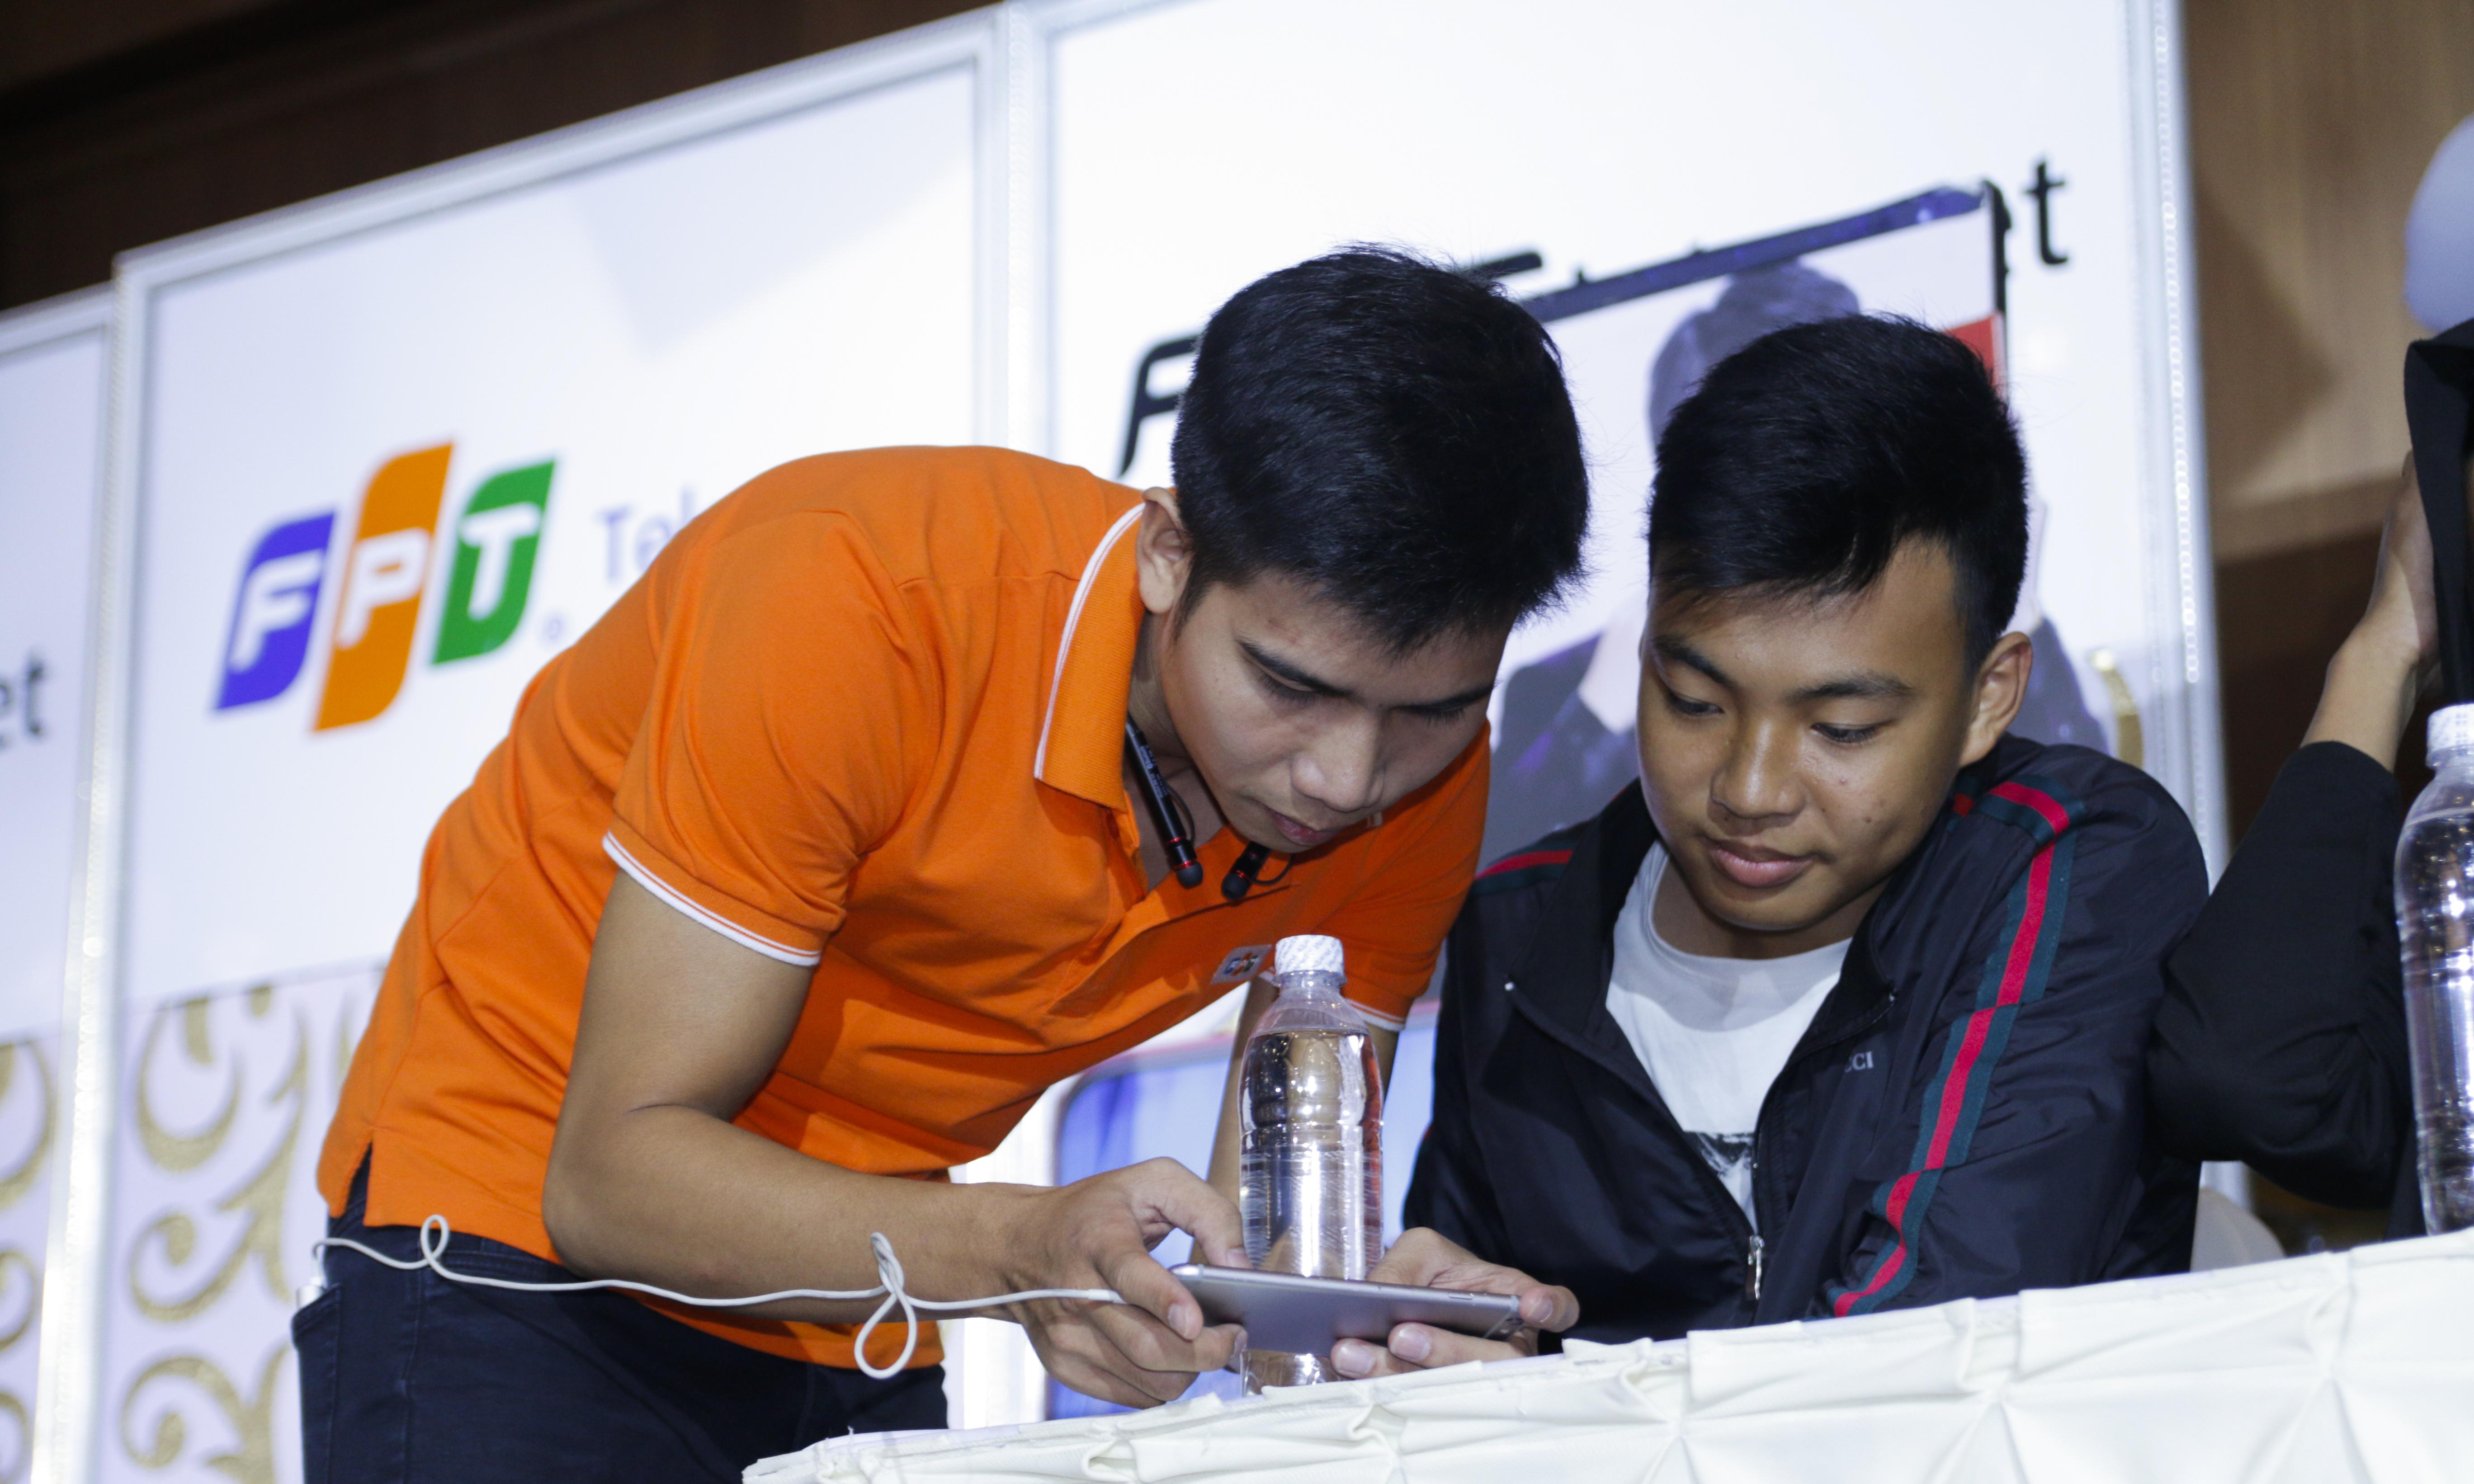 Đây không chỉ là cơ hội để các game thủ thi đấu với nhau giành những phần thưởng hấp dẫn mà còn là dịp trải nghiệm gói Internet SOC 1Gbps và Modem chuẩn AC của FPT Telecom.